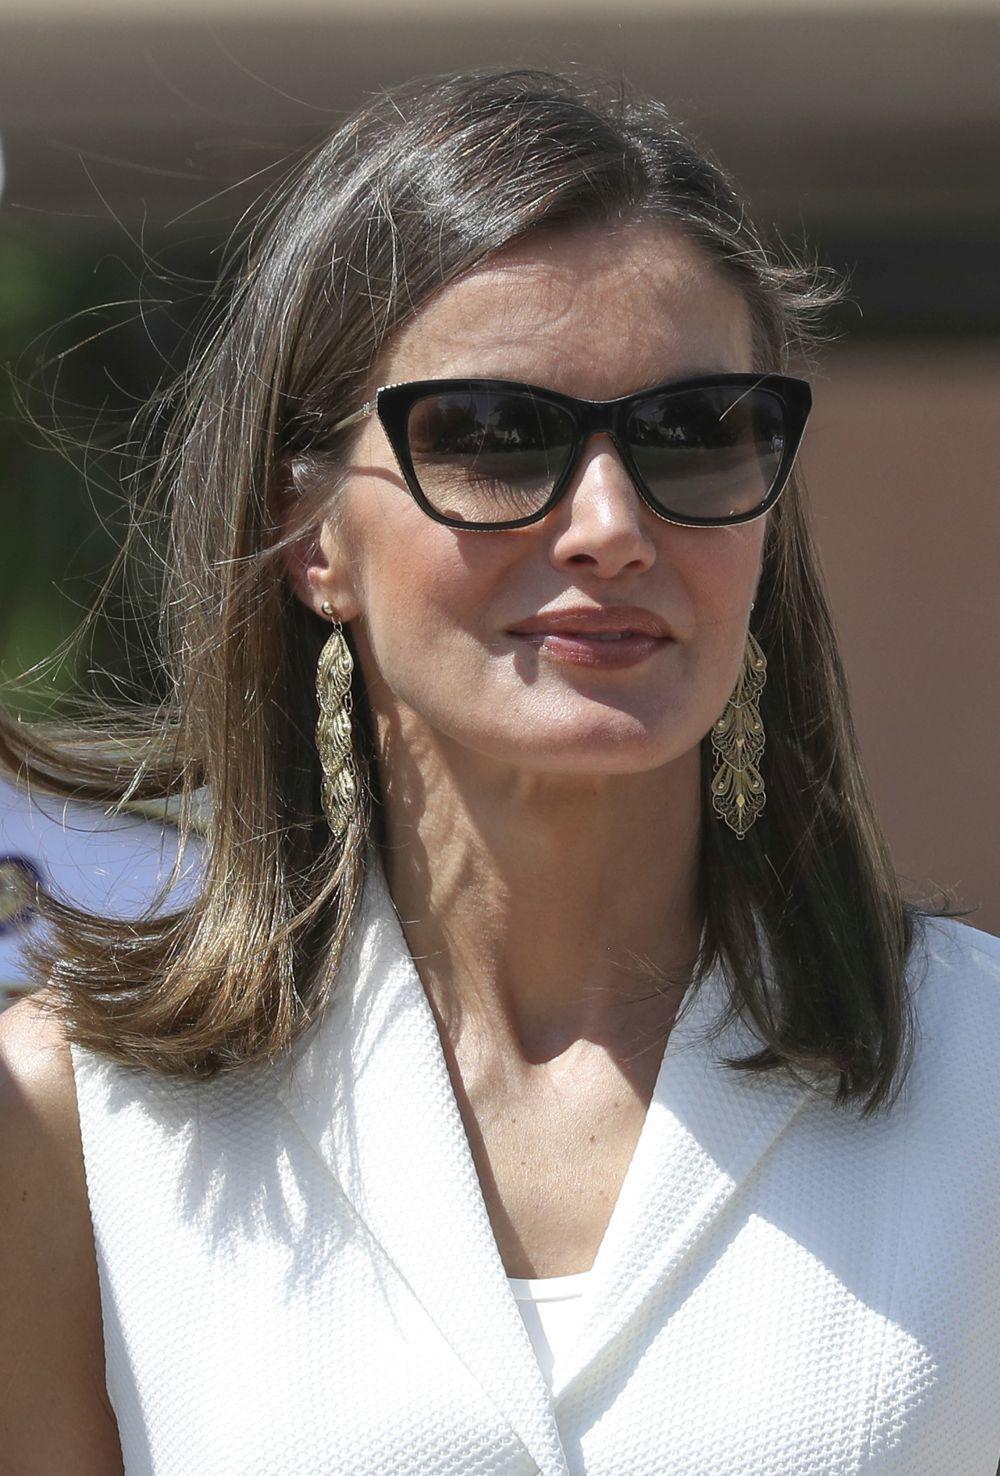 Te puede interesar: Las gafas de sol favoritas de las royals